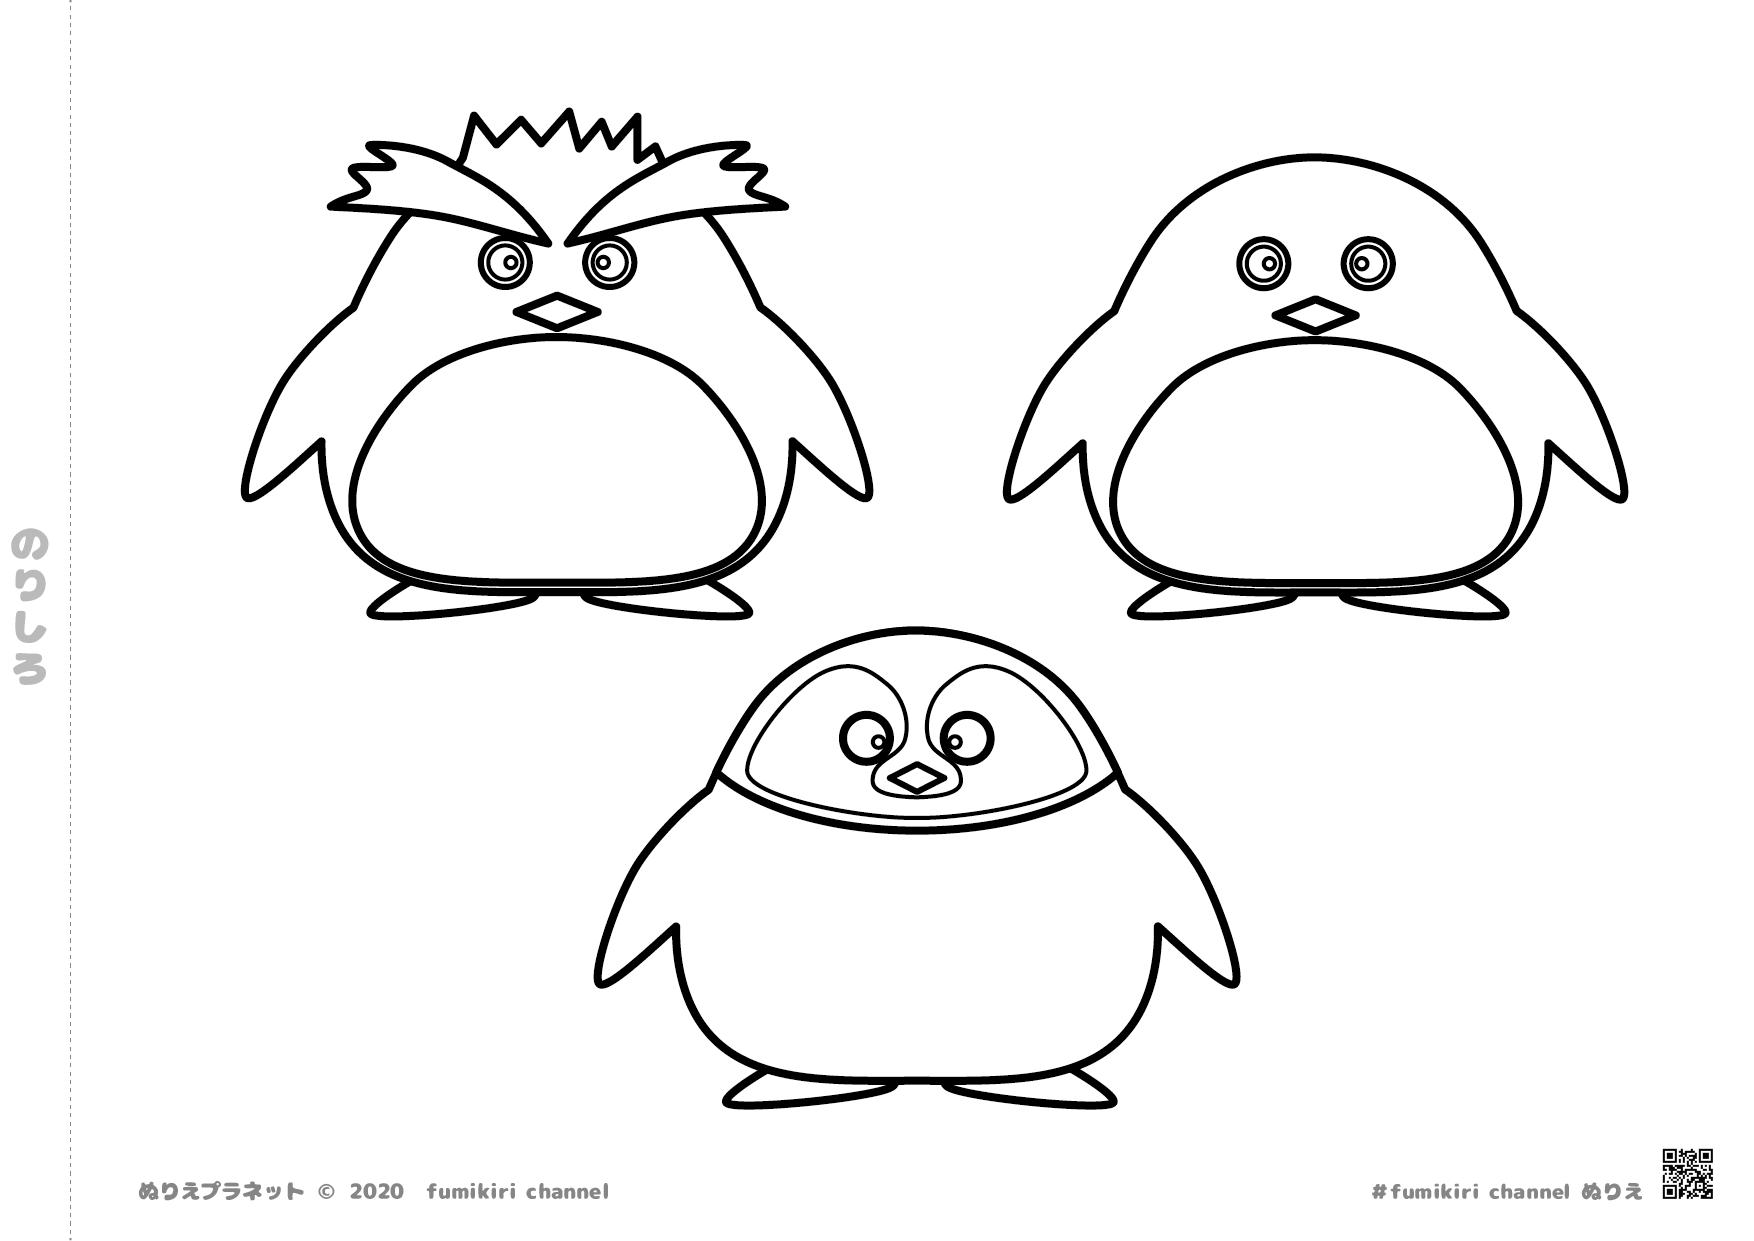 ペンギンの塗り絵 3匹のかわいいペンギンたちが集合しています。